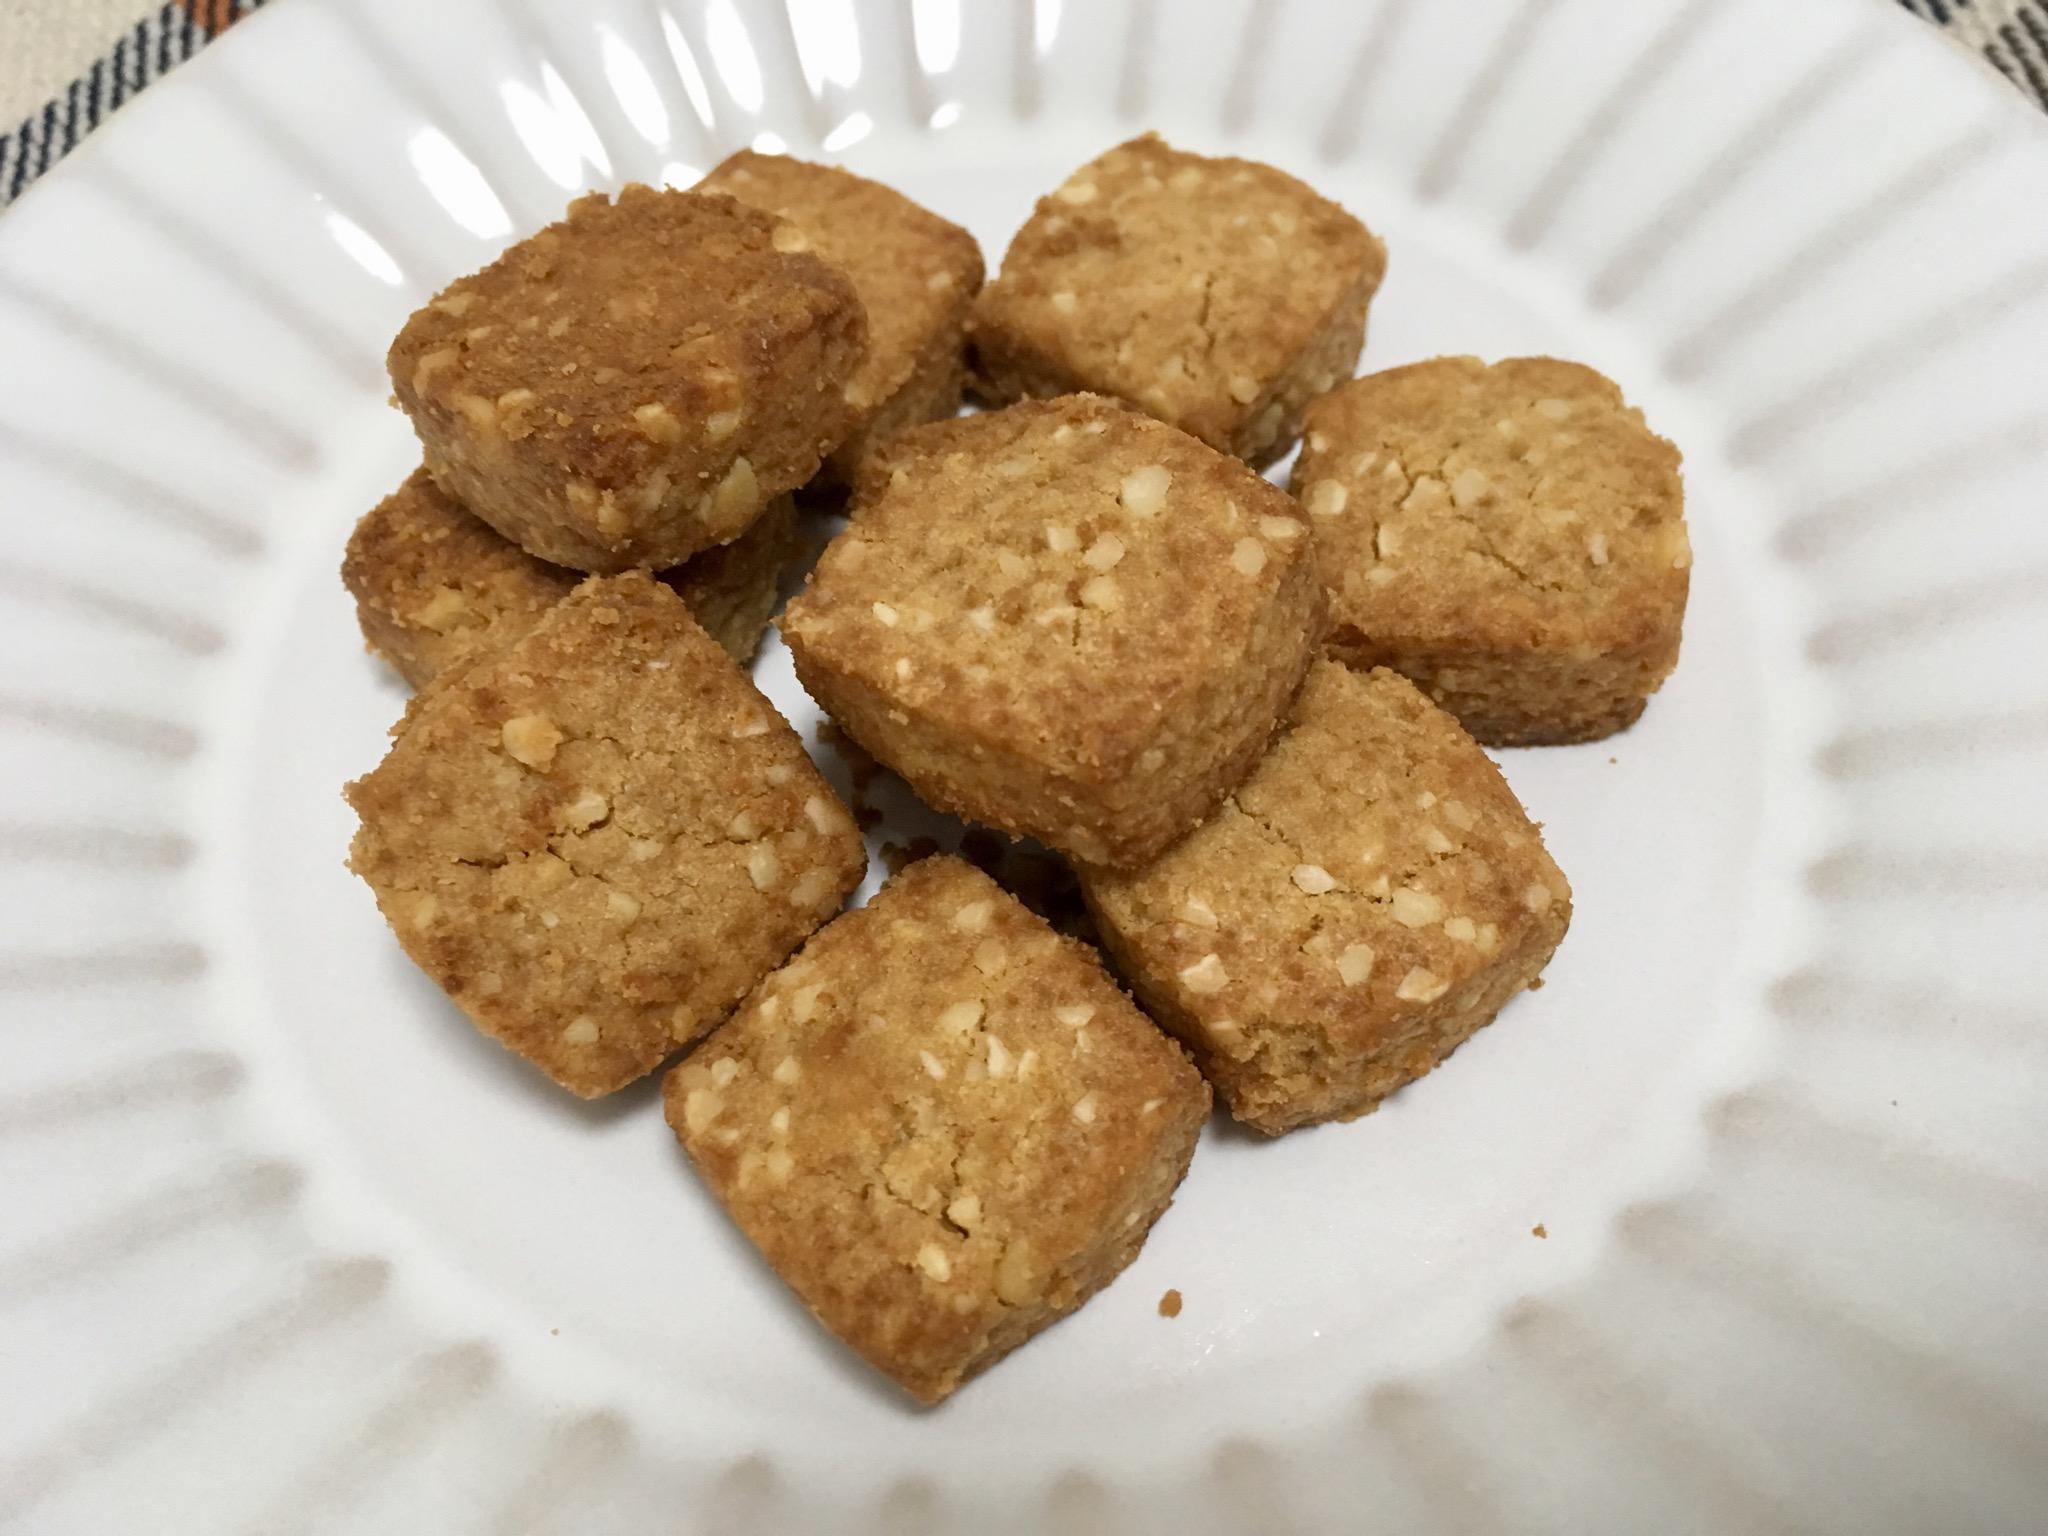 無印良品の糖質10g以下のお菓子 キャラメルサブレ